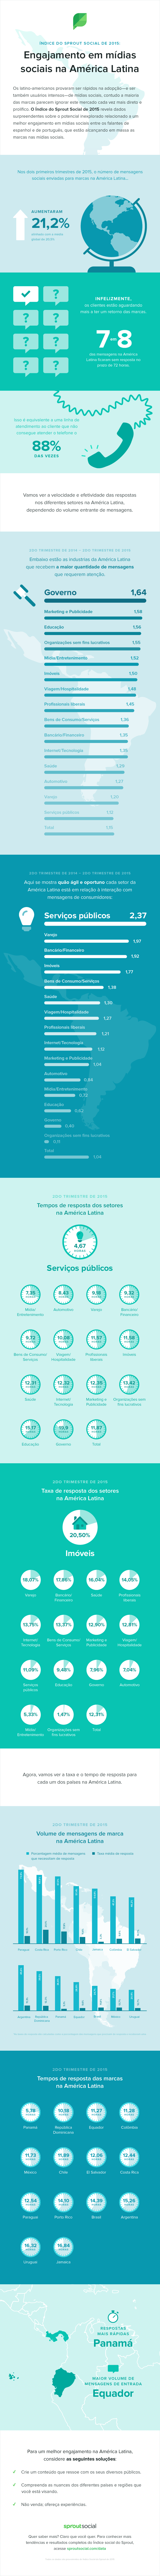 Índice do Sprout Social de 2015: Engajamento em mídias sociais na América Latina